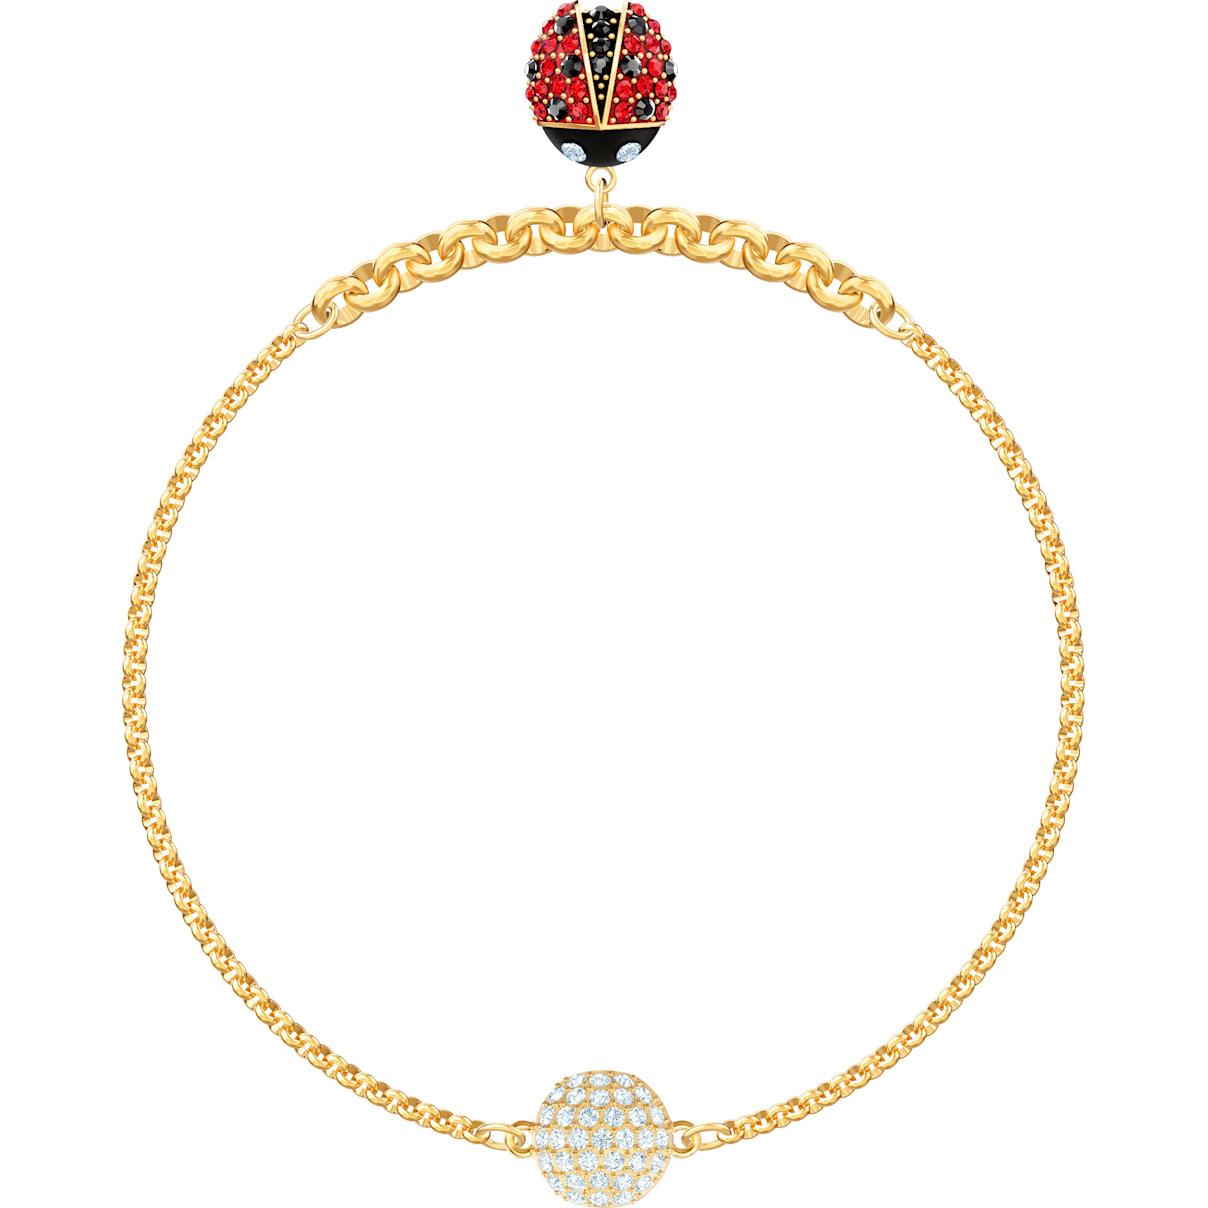 Swarovski Swarovski Remix Collection Ladybug Strand, Multi-colored, Gold-tone plated